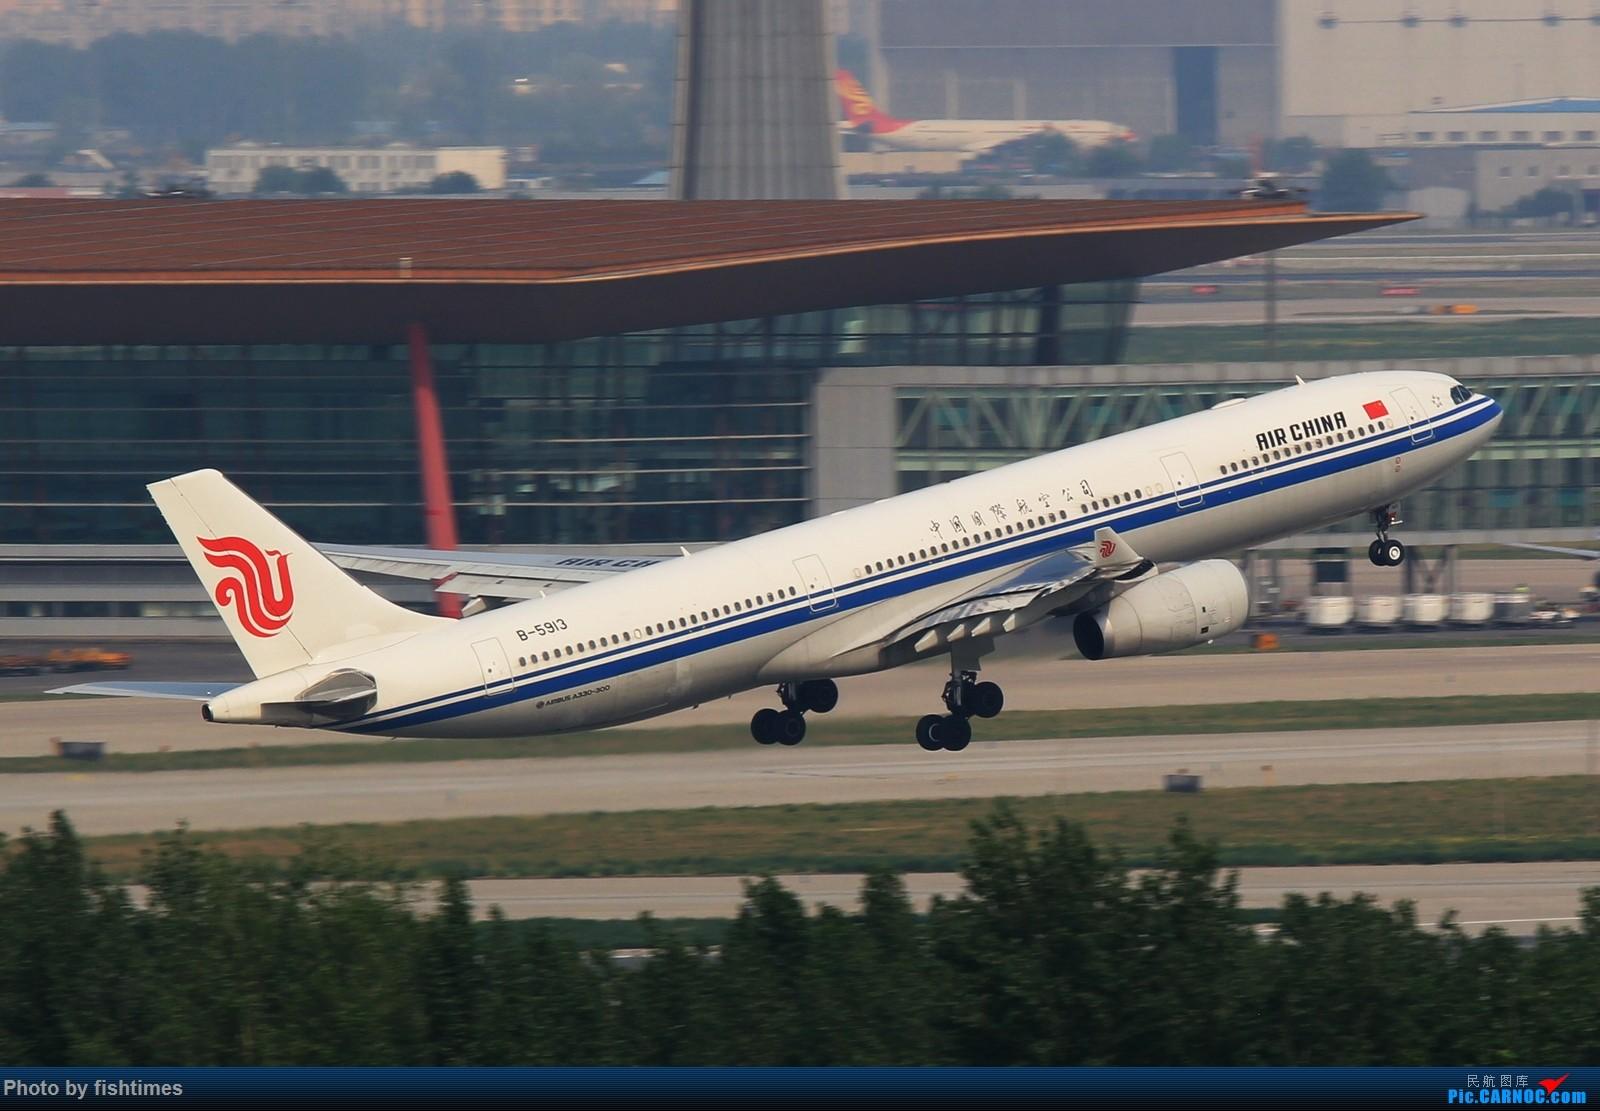 Re:[原创]【PEK】【***庆祝五一国际劳动节***】20150502_RWY01一组 AIRBUS A330-300 B-5913 中国北京首都国际机场